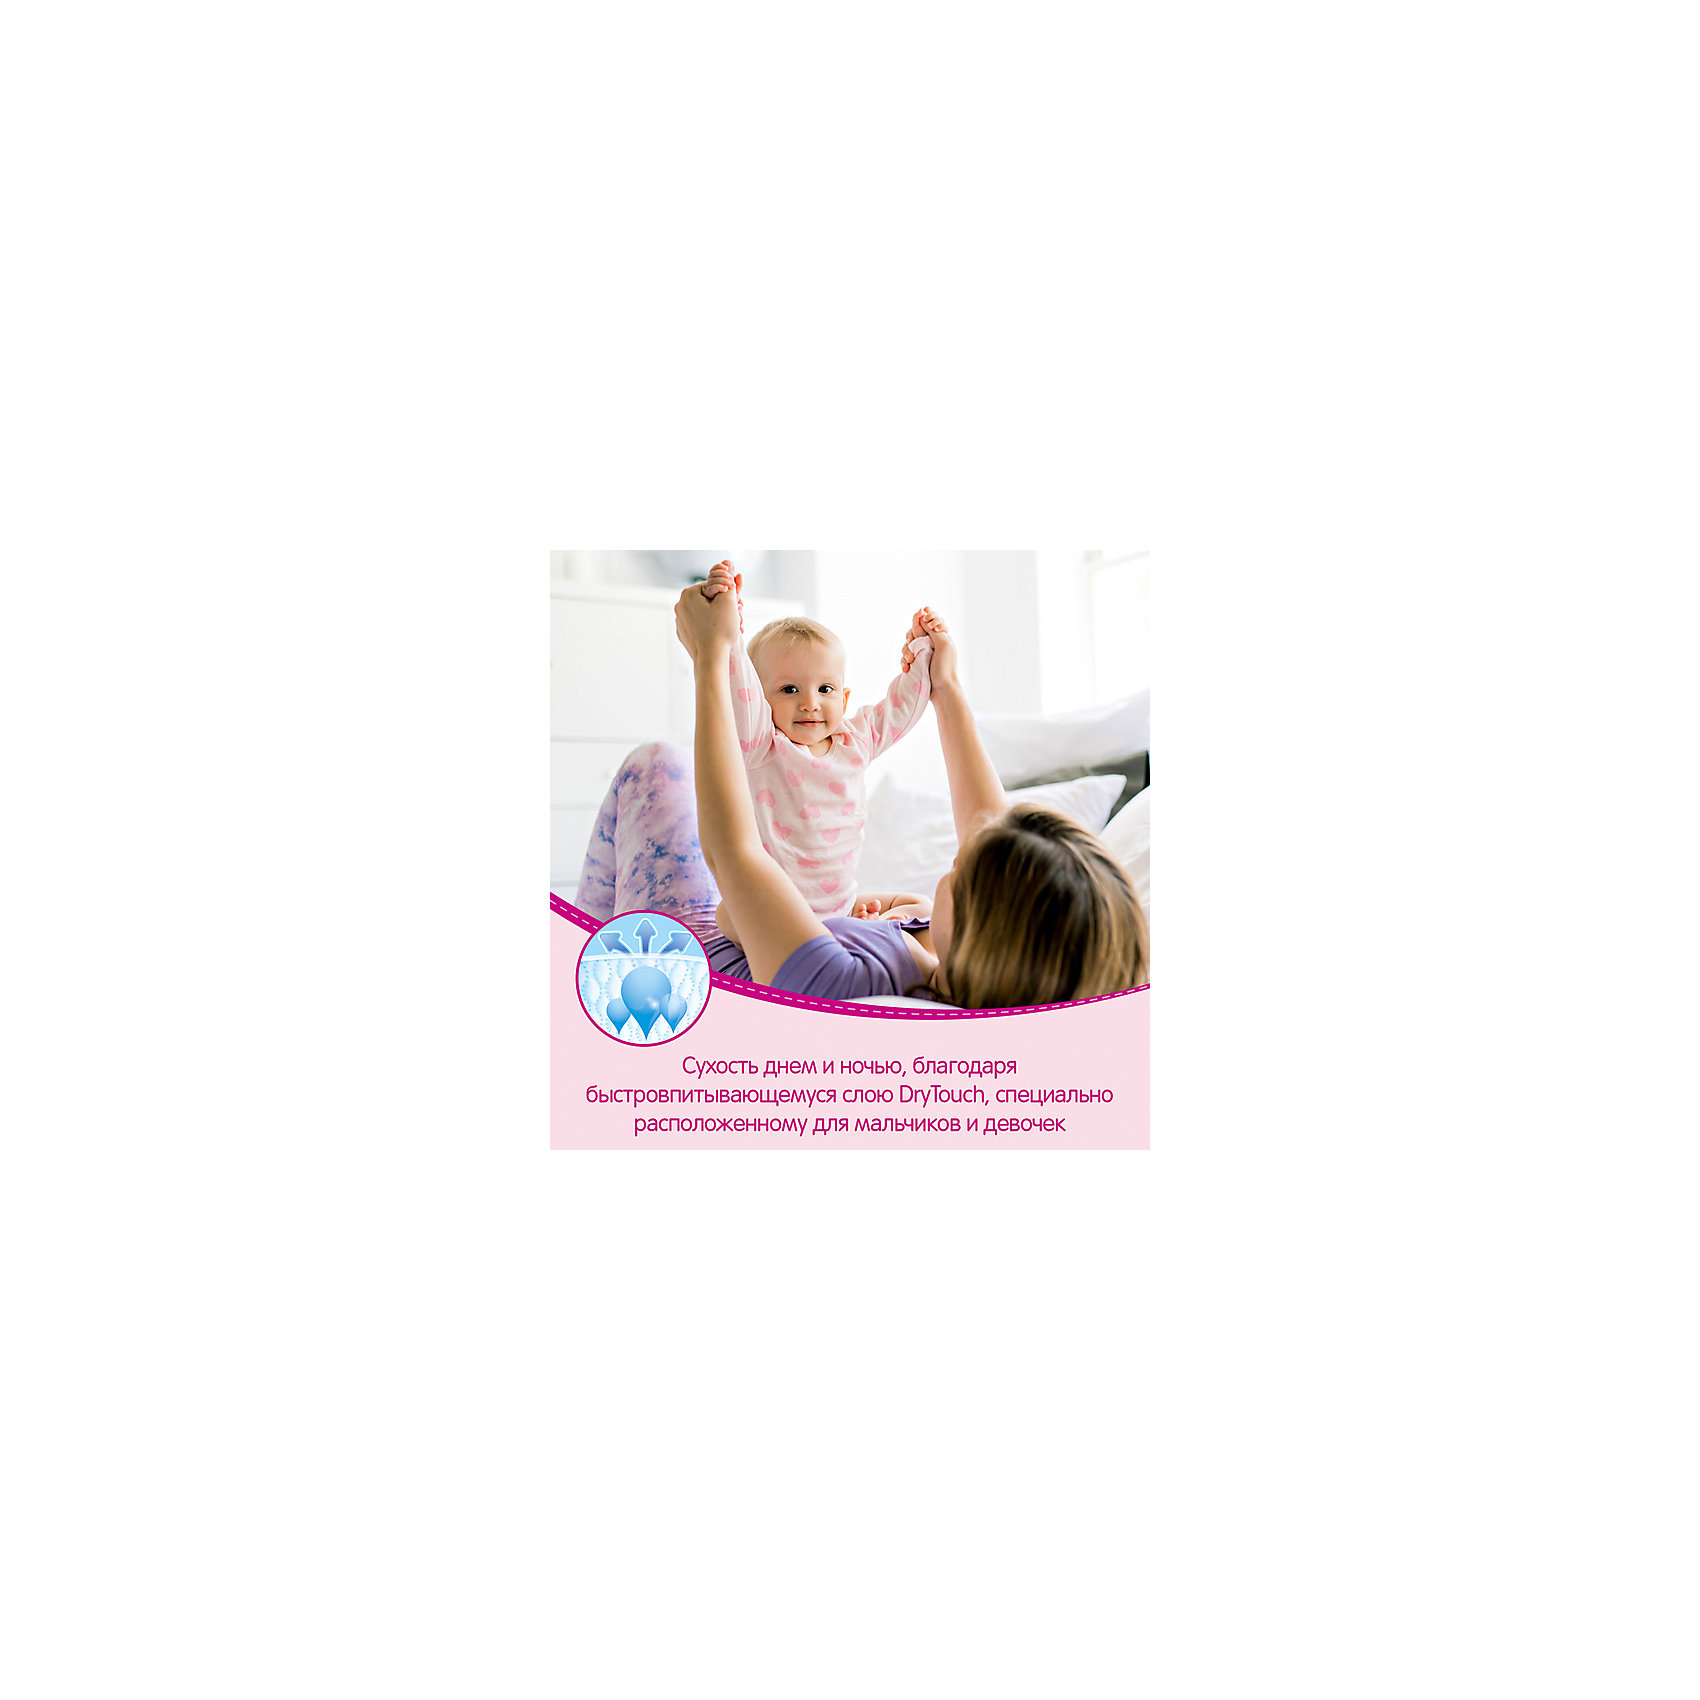 Трусики-подгузники Huggies 5 Disney Box для девочек, 13-17 кг, 48*2, 96 шт.